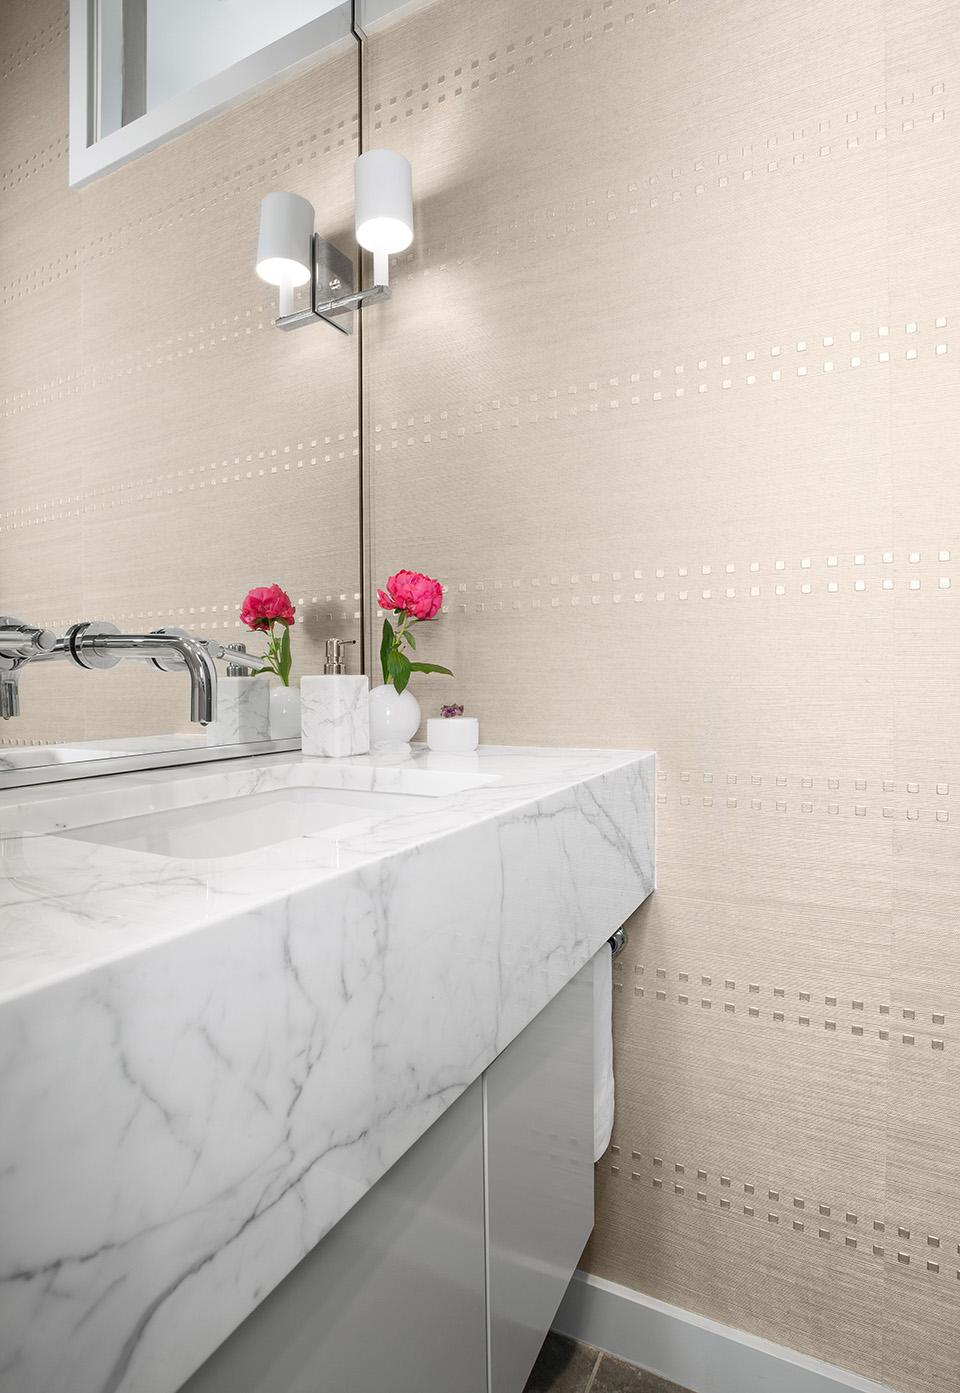 interior-design-powder-room.jpg